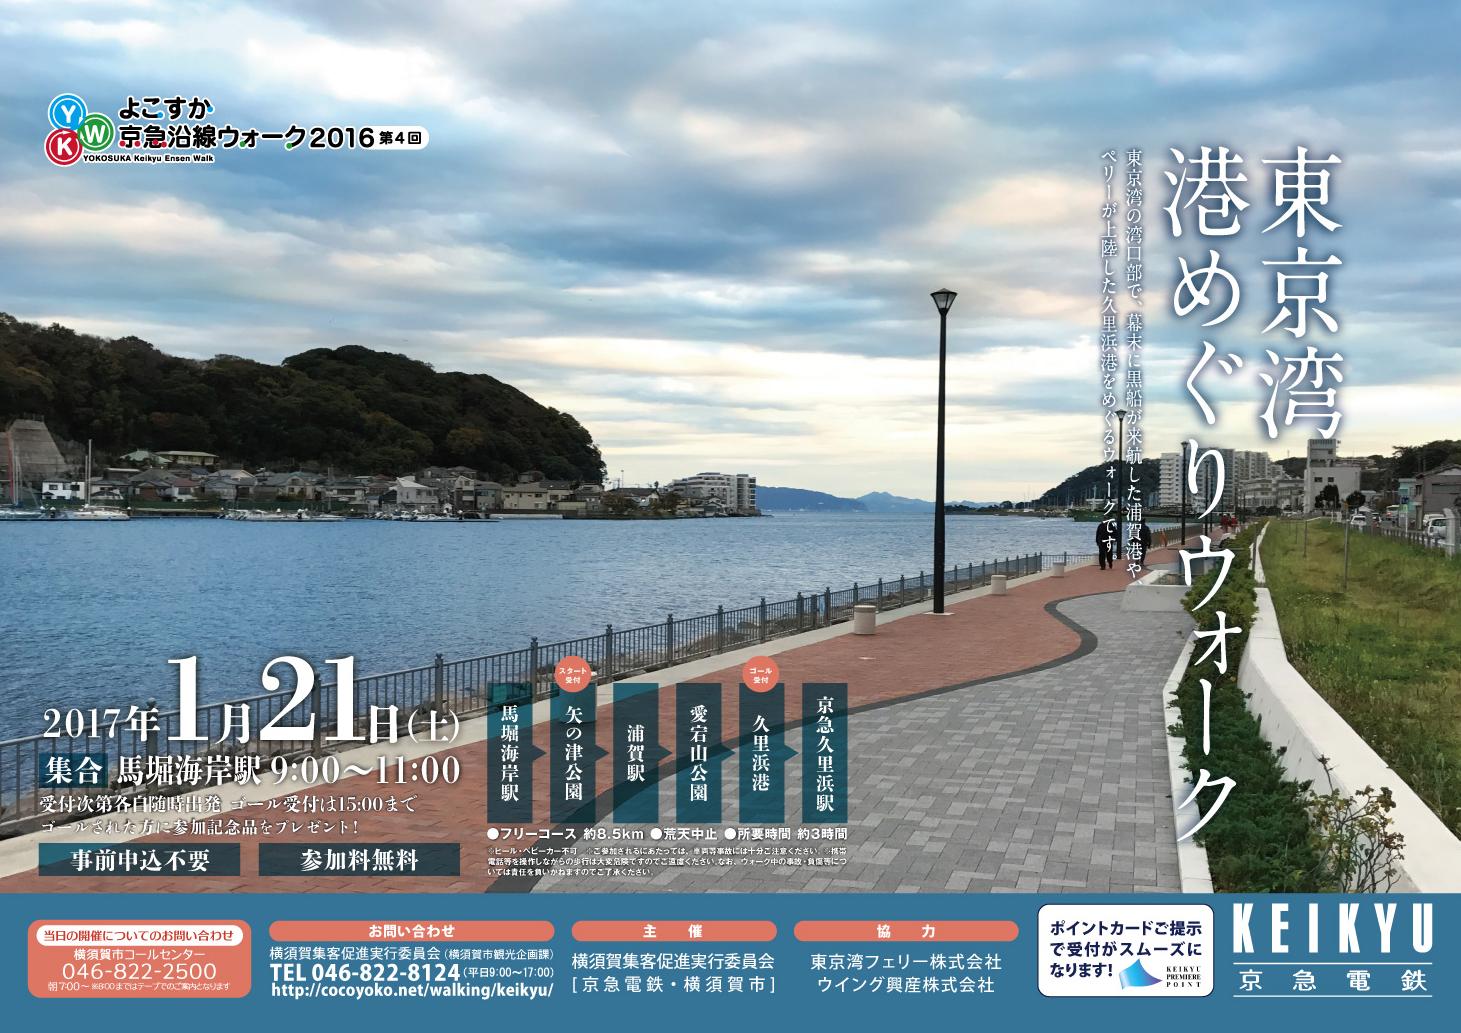 2016年度【第4回】「東京湾 港めぐりウォーク」